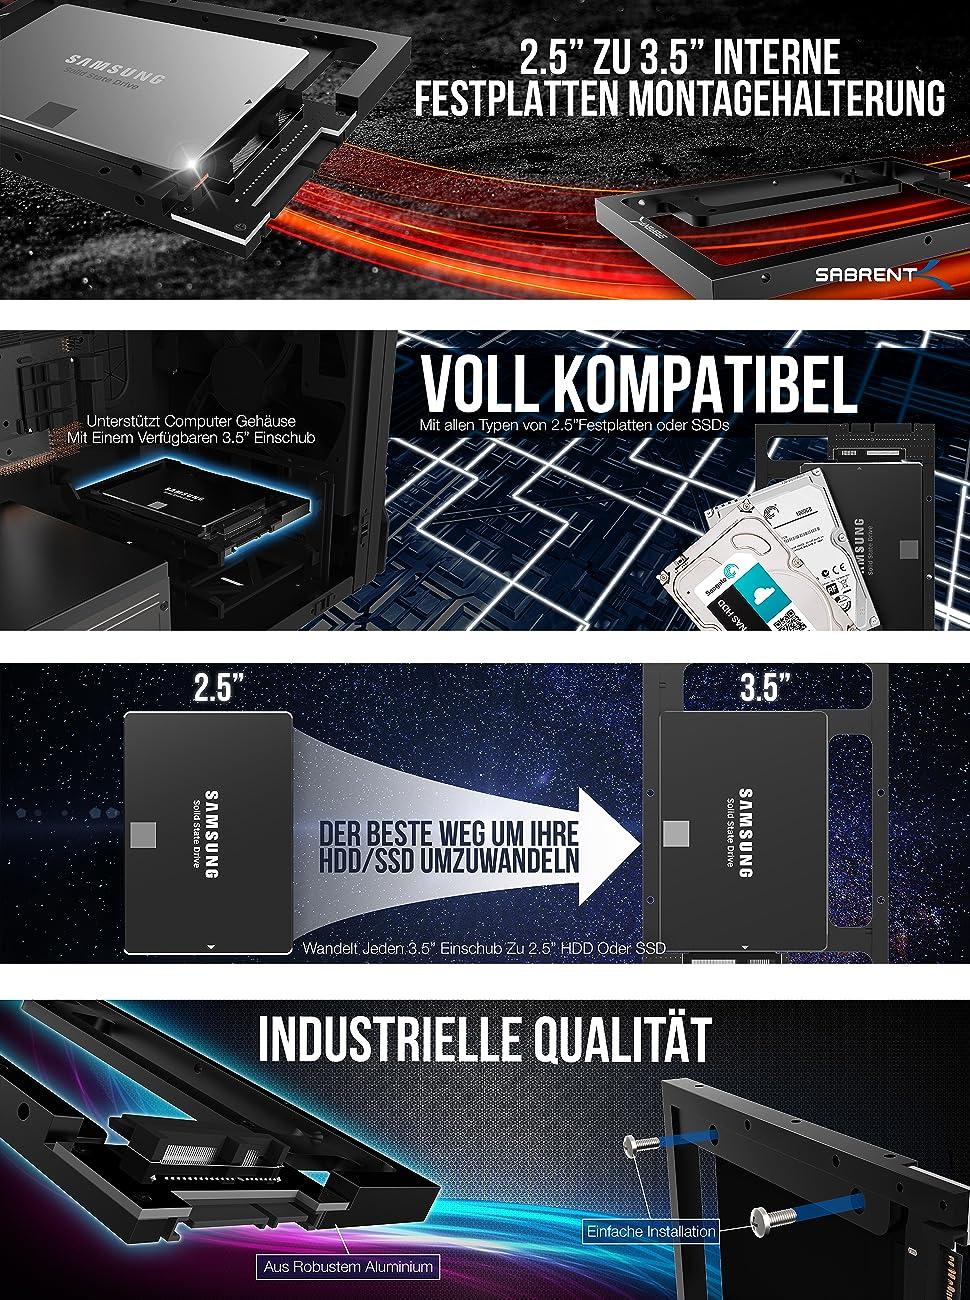 """Sabrent Festplatten - Zubehör Rahmen 2.5"""": Amazon.de: Computer & Zubehör"""